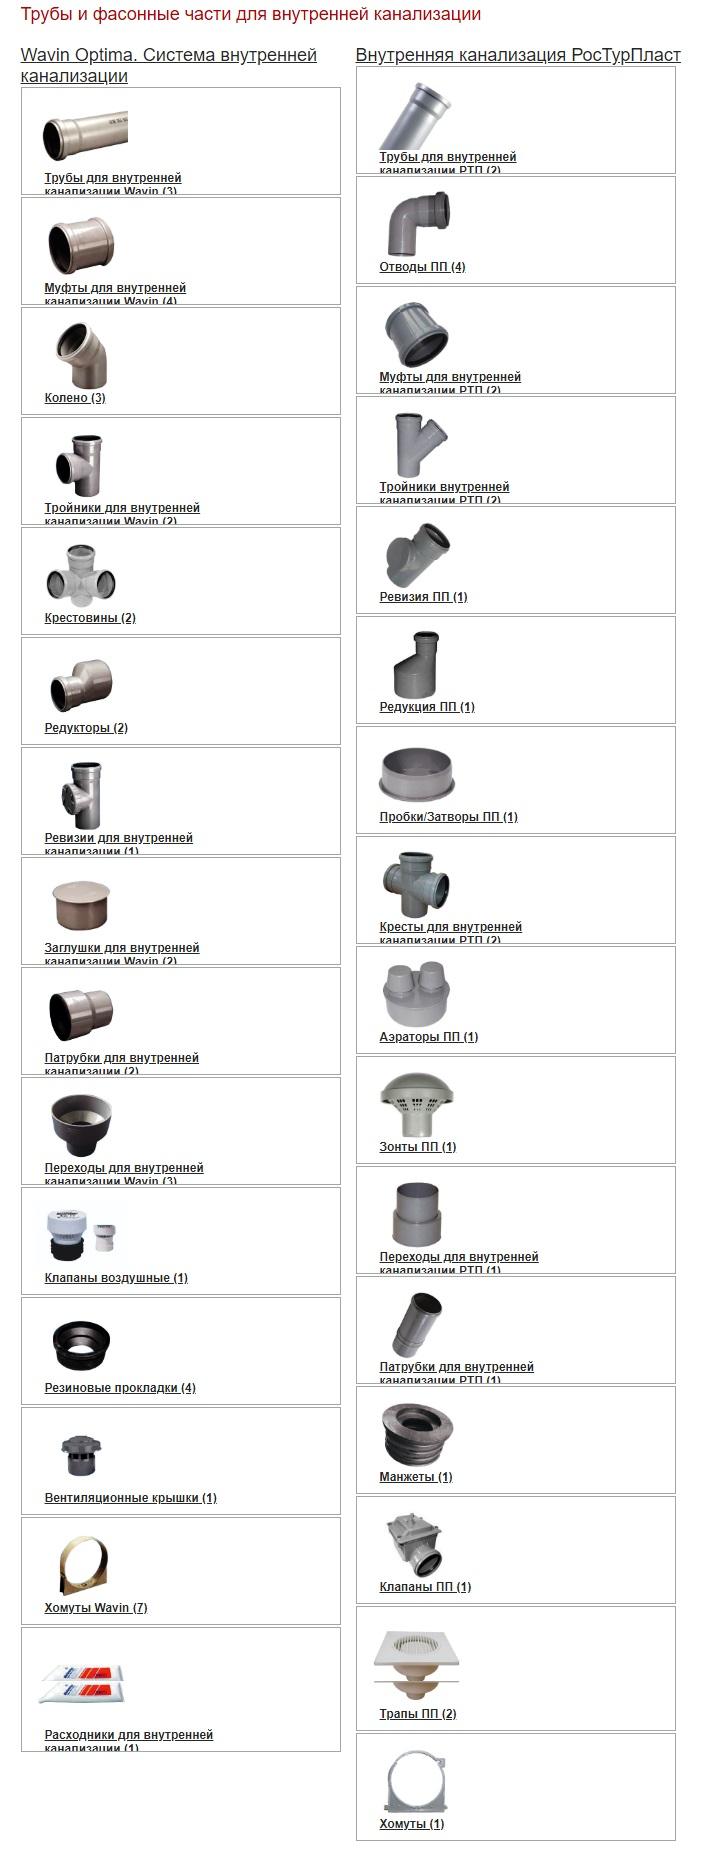 Внутренняя канализация в частном доме - тема данного материала, подготовленного нами при участии специалистов - сотрудников одной из белорусских компаний, поставляющих данную категорию товаров на местный рынок.